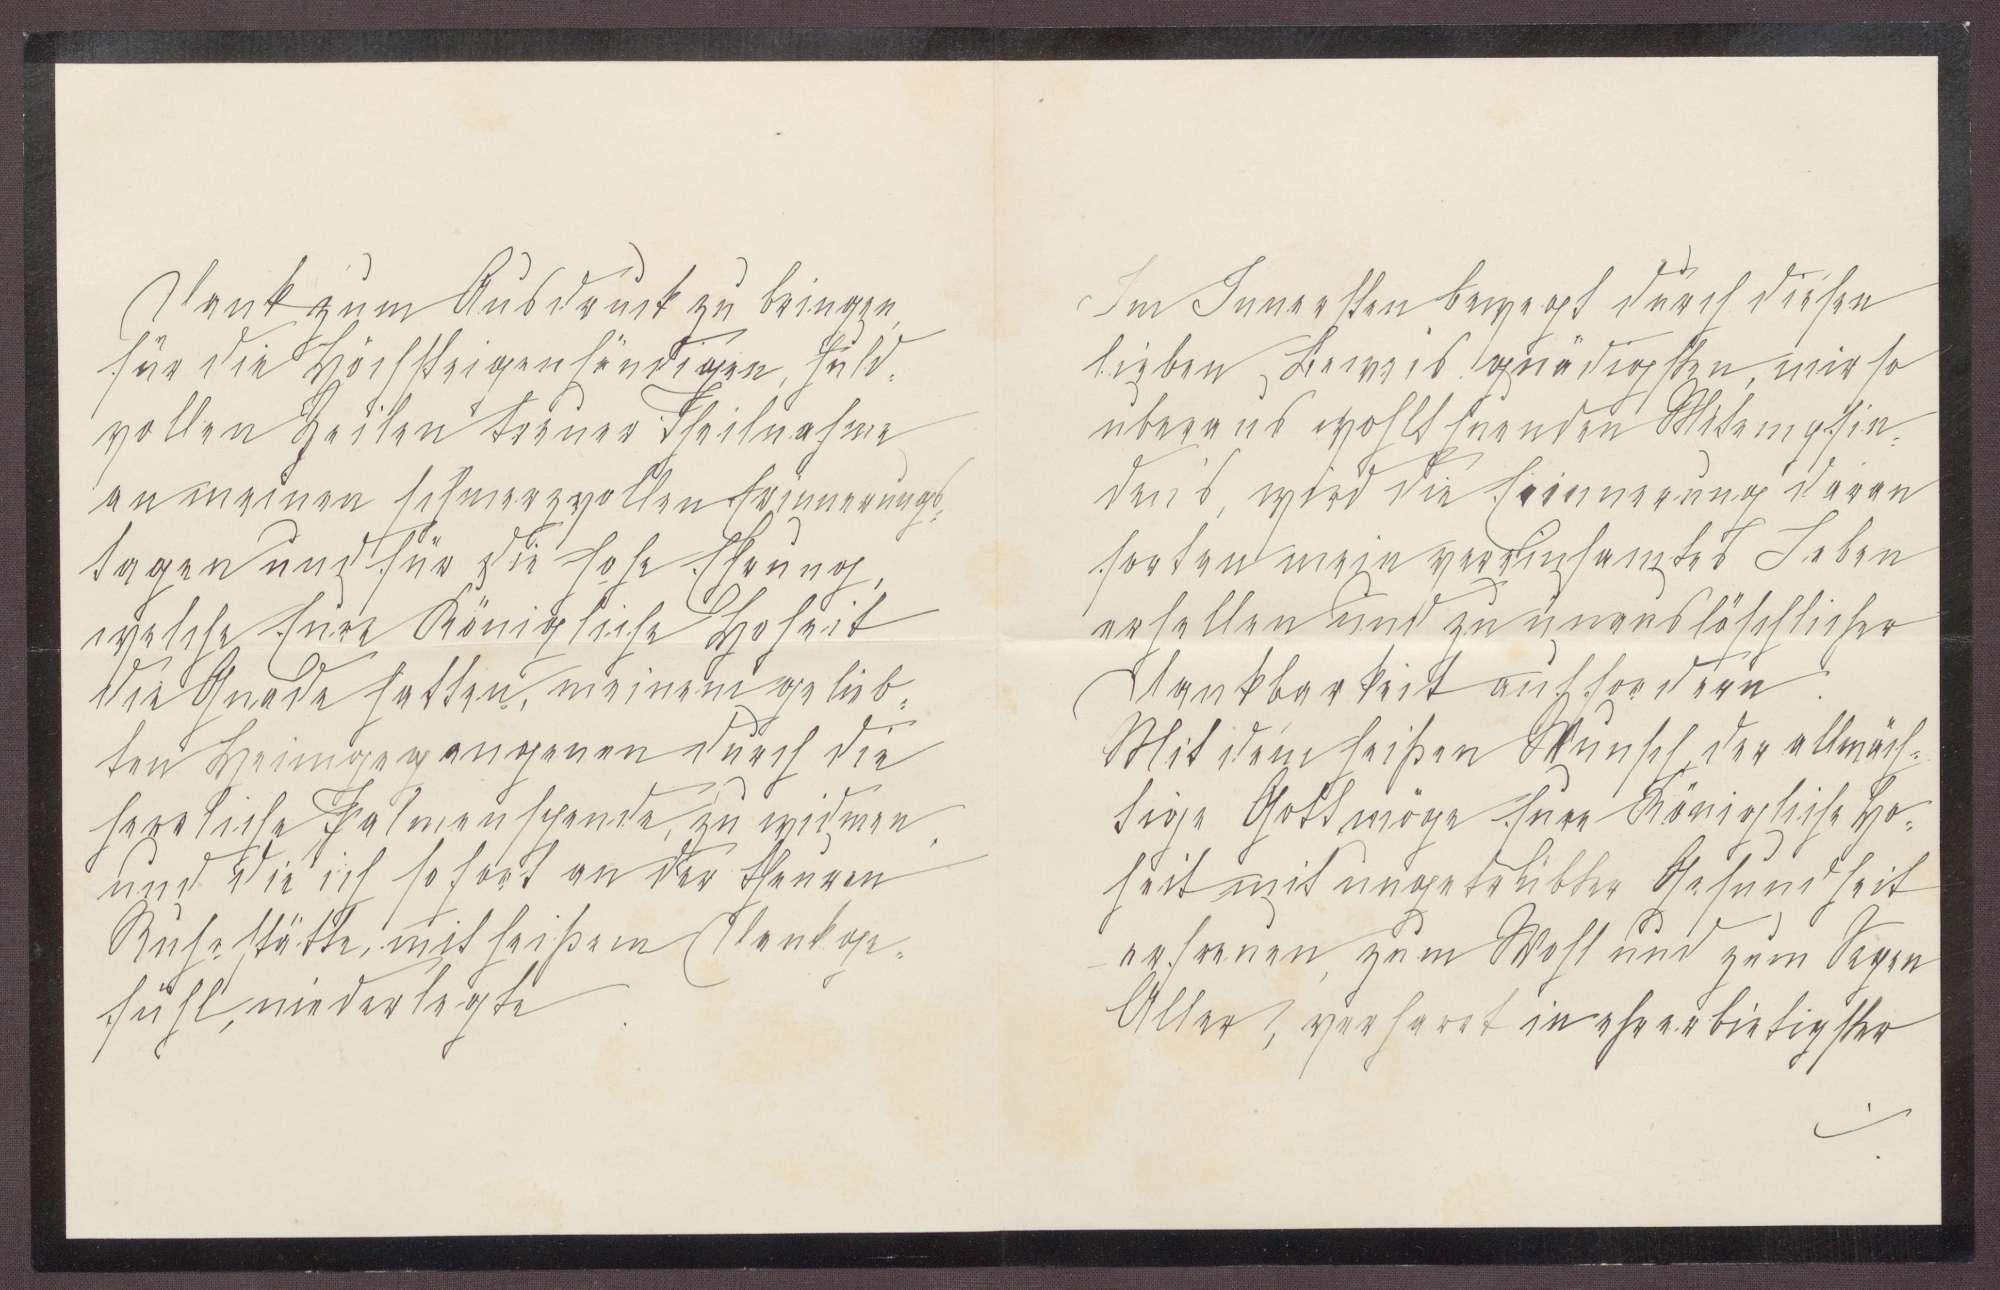 Schreiben von Anna Haas an die Großherzogin Luise; Dank für die aufmunternden Worte zum Todestag des Ehemannes, Bild 2